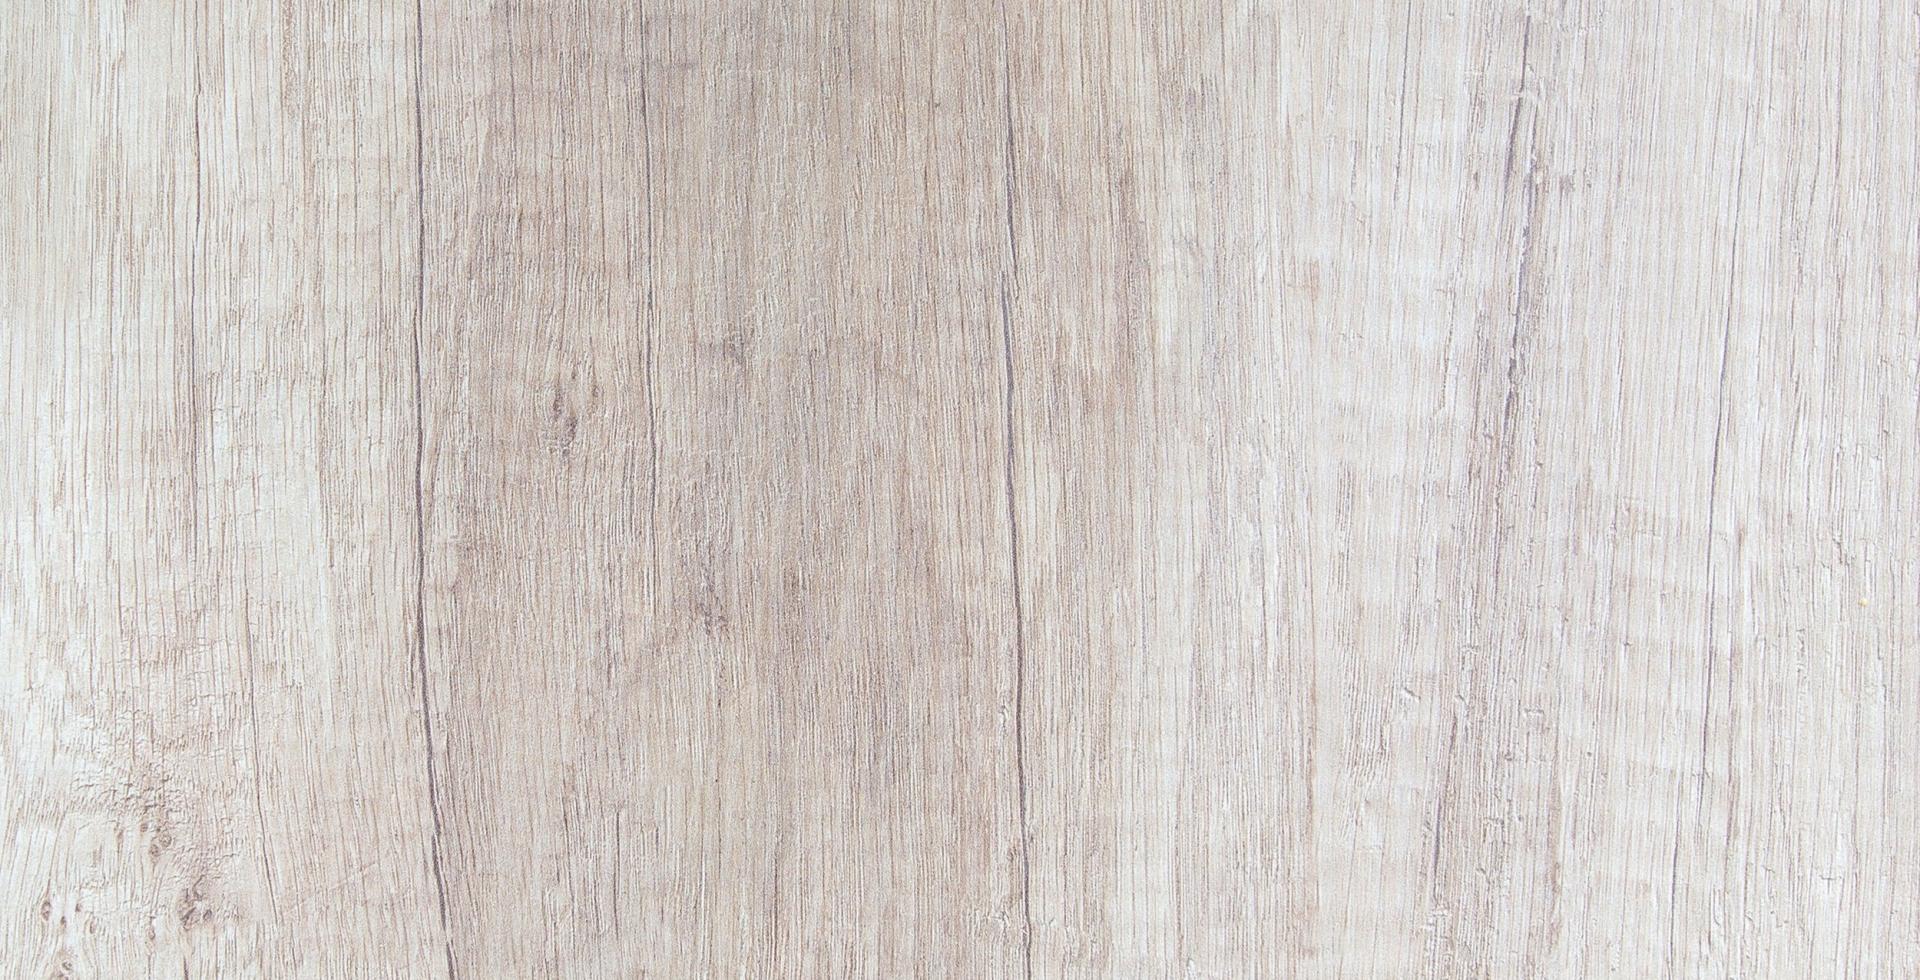 Hintergrund Produktdetail blank